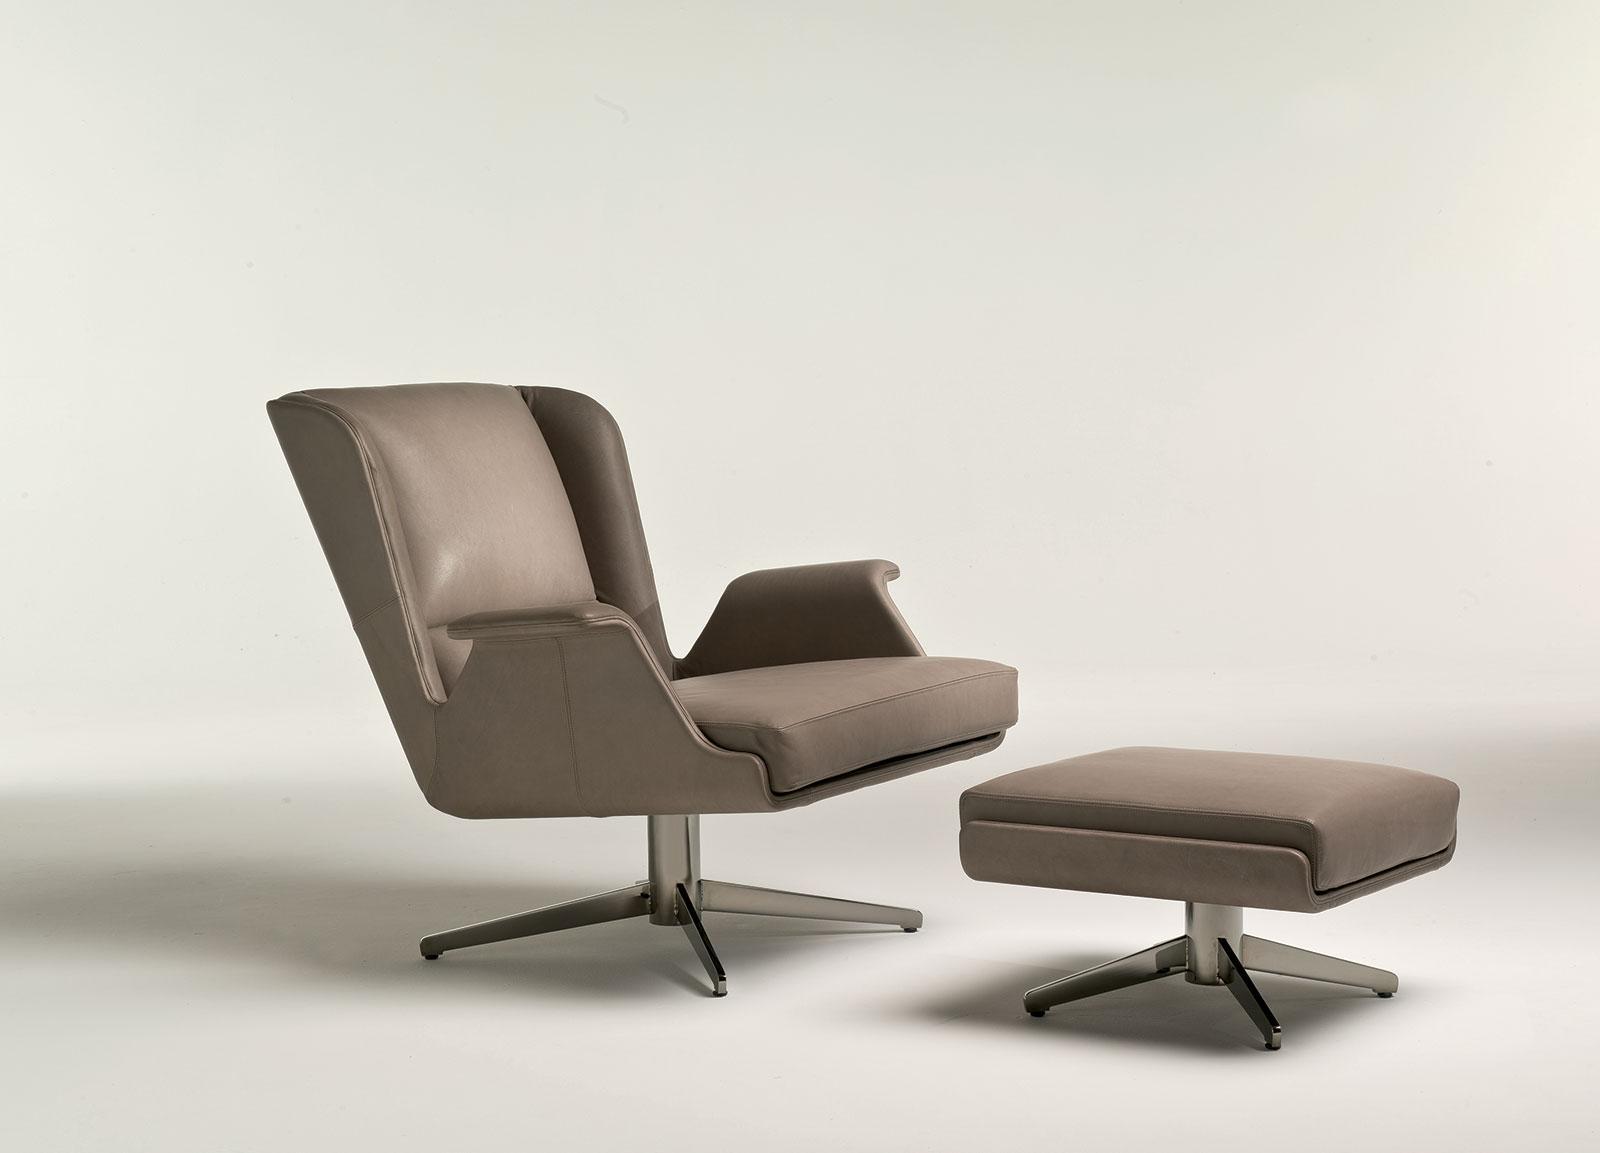 Garbo poltrona relax girevole italy dream design